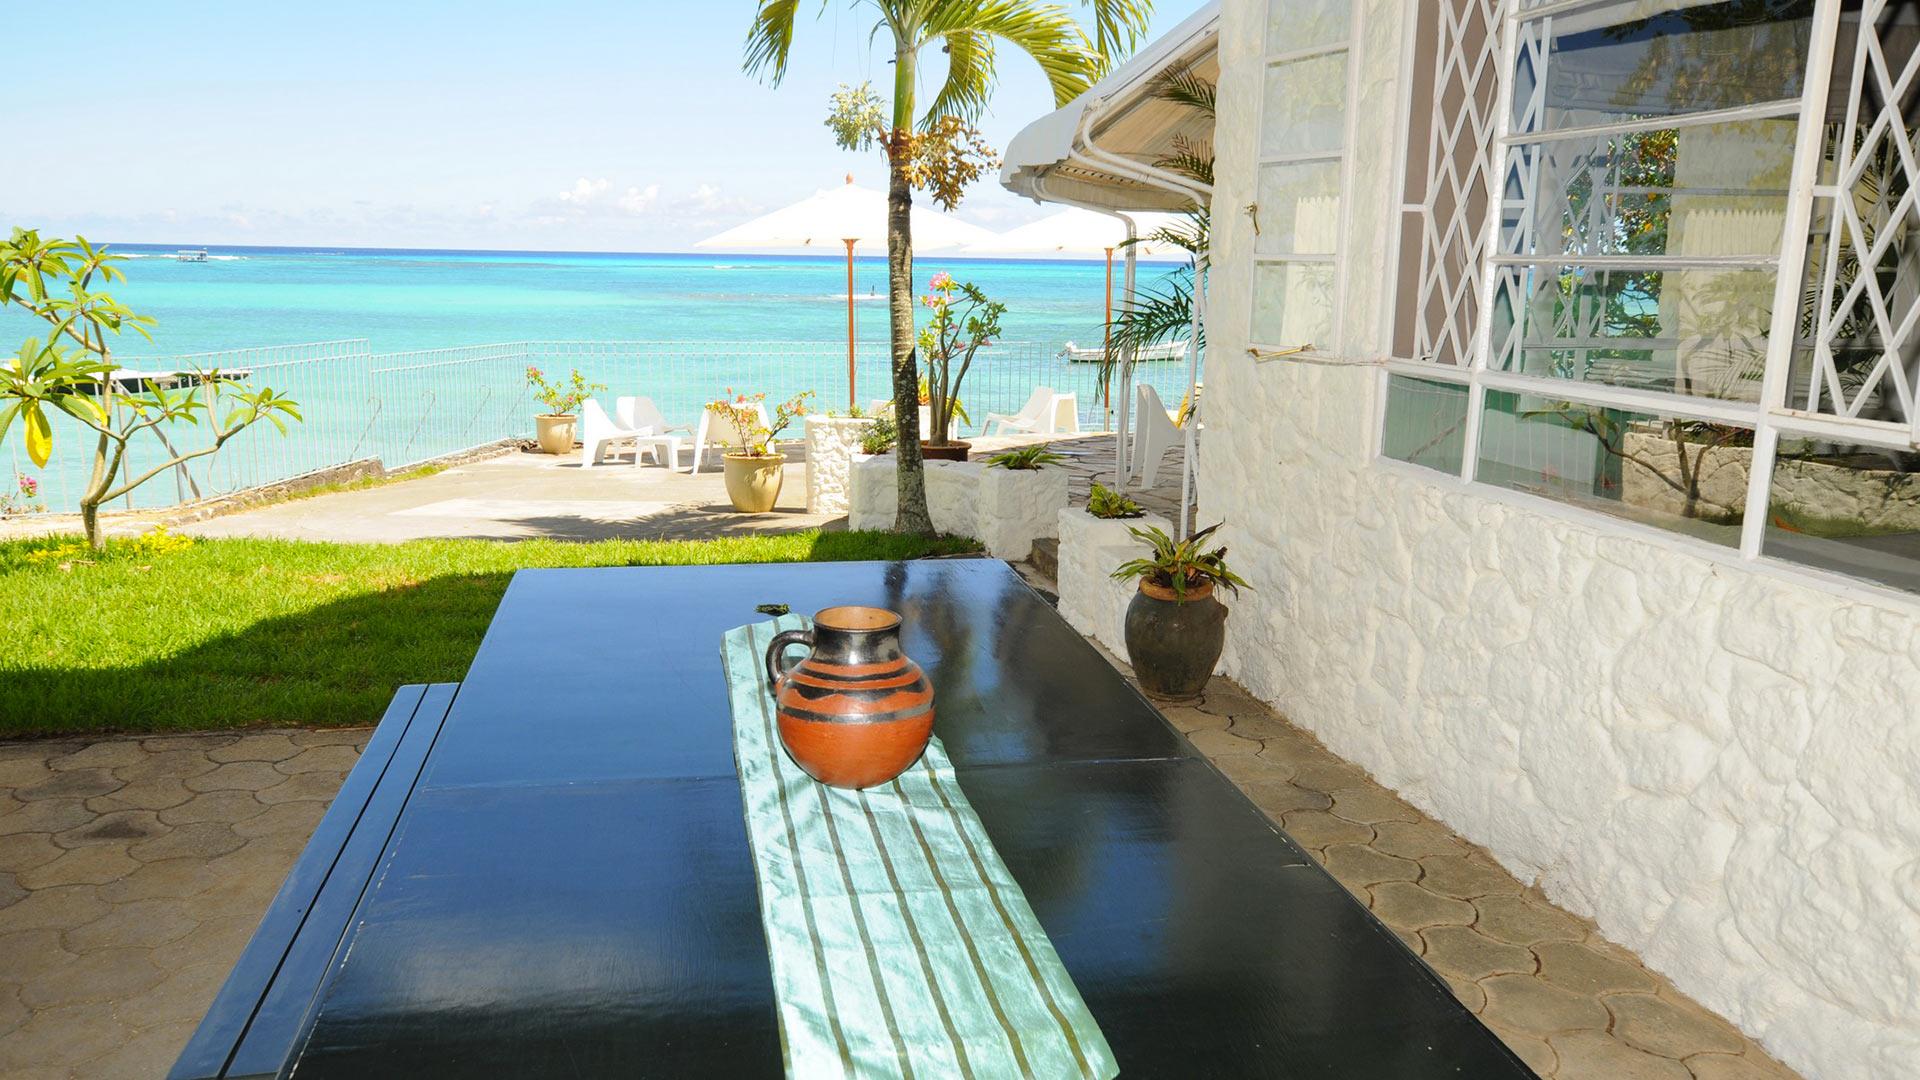 villa sega villa mieten in mauritius norden pointe aux canonniers villanovo. Black Bedroom Furniture Sets. Home Design Ideas